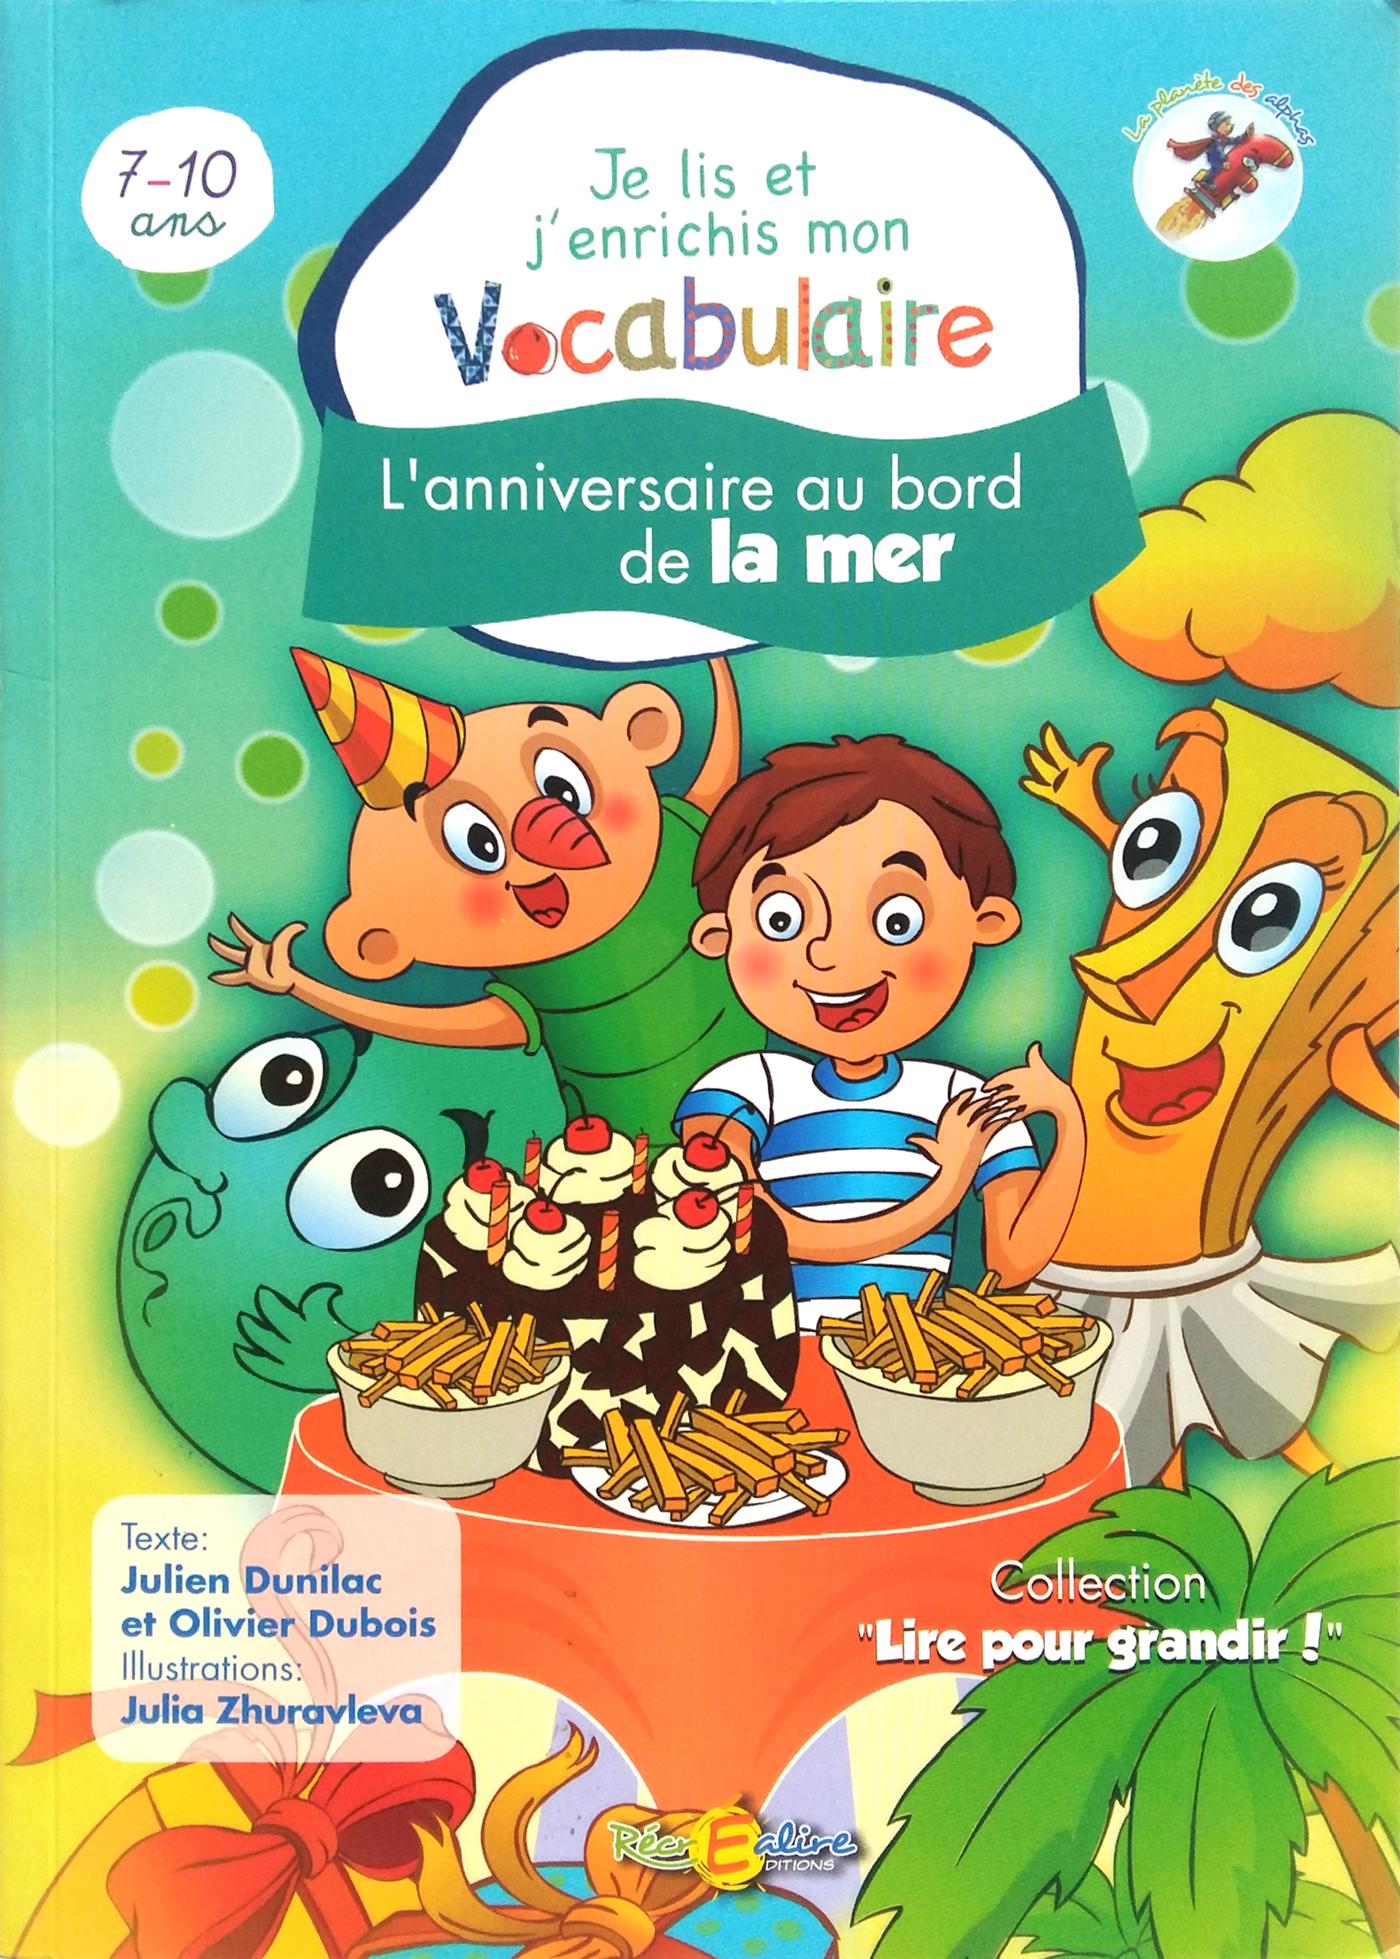 Collection à destination des enfants à partir de 7 ans pour apprendre la lecture.